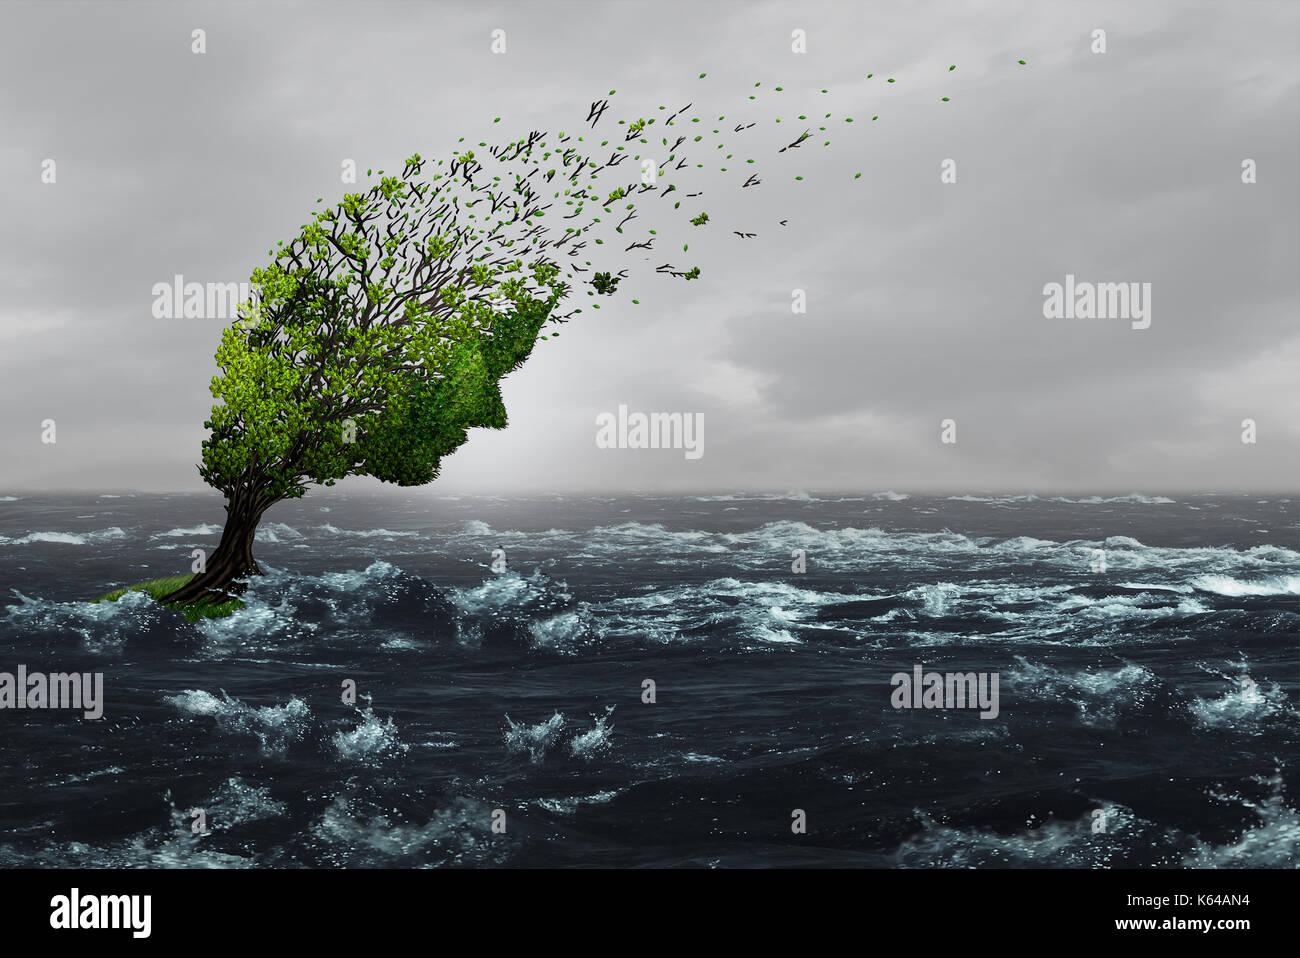 Survivre à une tempête comme un arbre a souligné battues soufflée par des vents violents dans les eaux de crue comme une métaphore de l'abus de l'angoisse ou de résister. Photo Stock